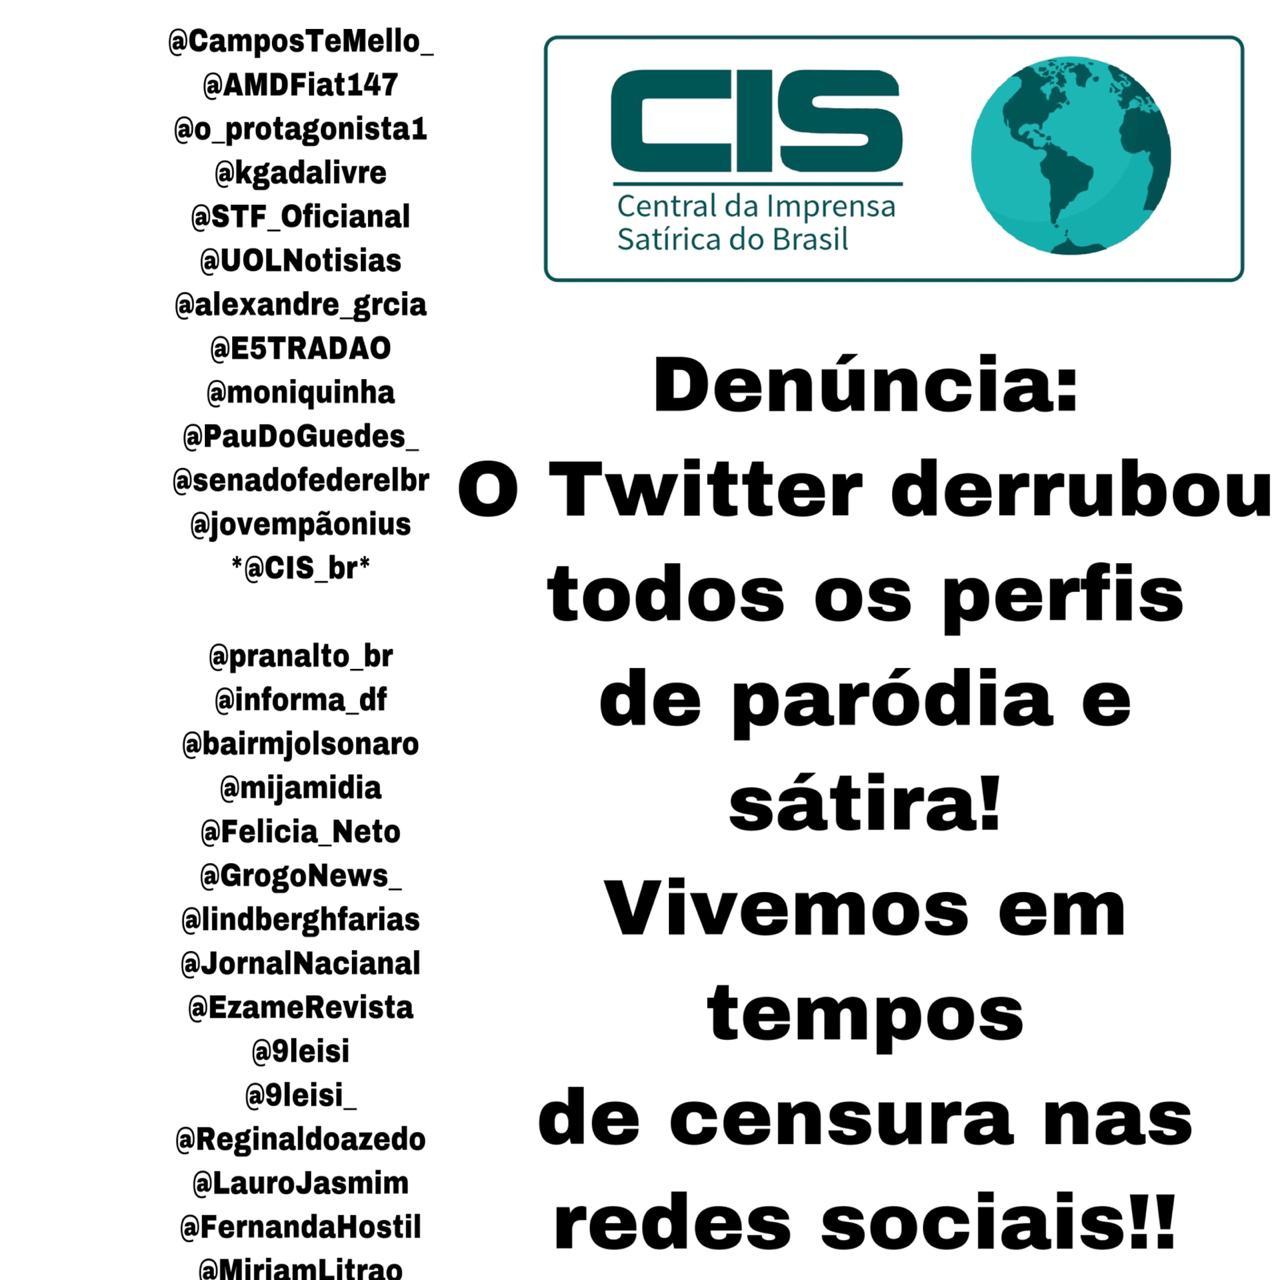 Superior tribunal de justiça: Contra a censura do Twitter a perfis sátiras